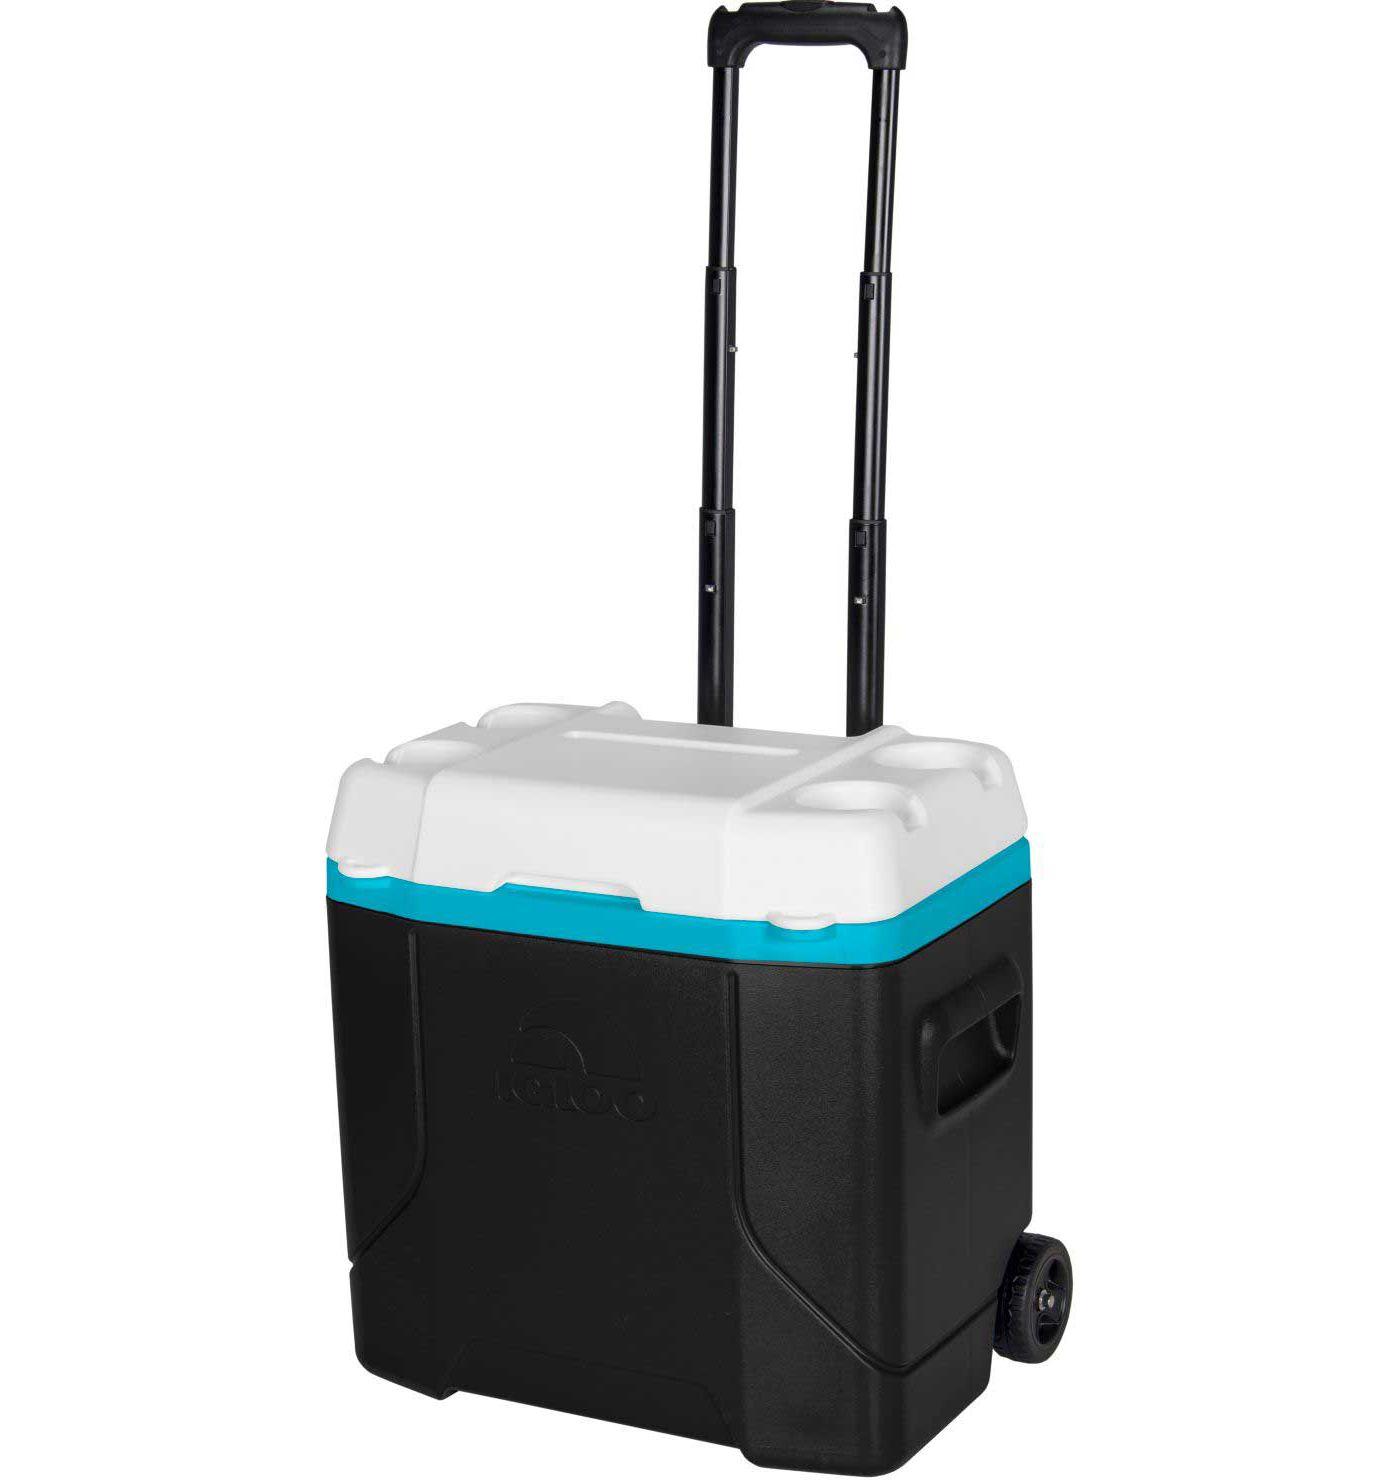 Igloo Profile 30 Quart Rolling Cooler